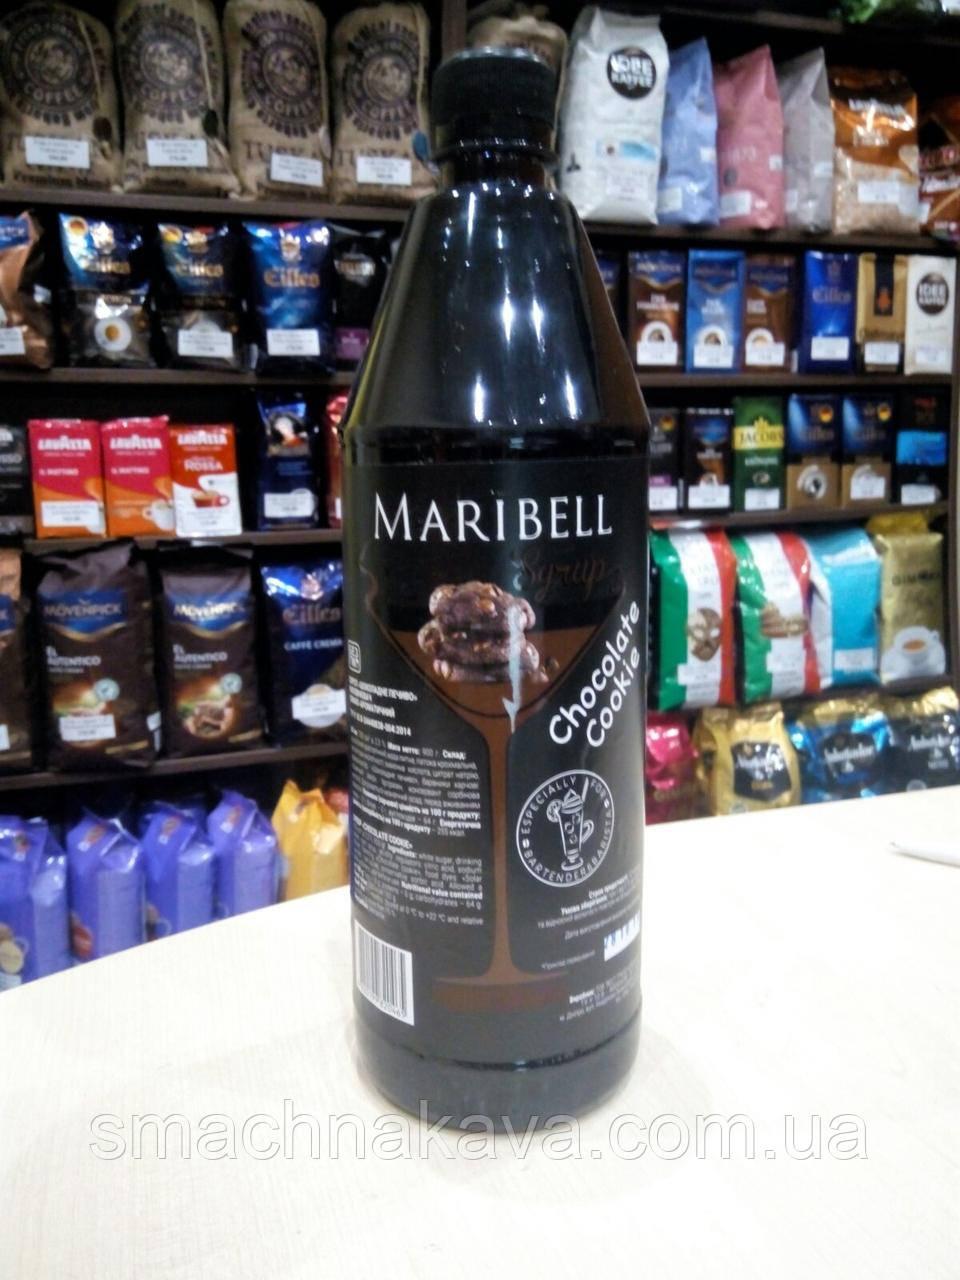 Сироп Шоколадное печенье ТМ Maribell в пластике 1 л